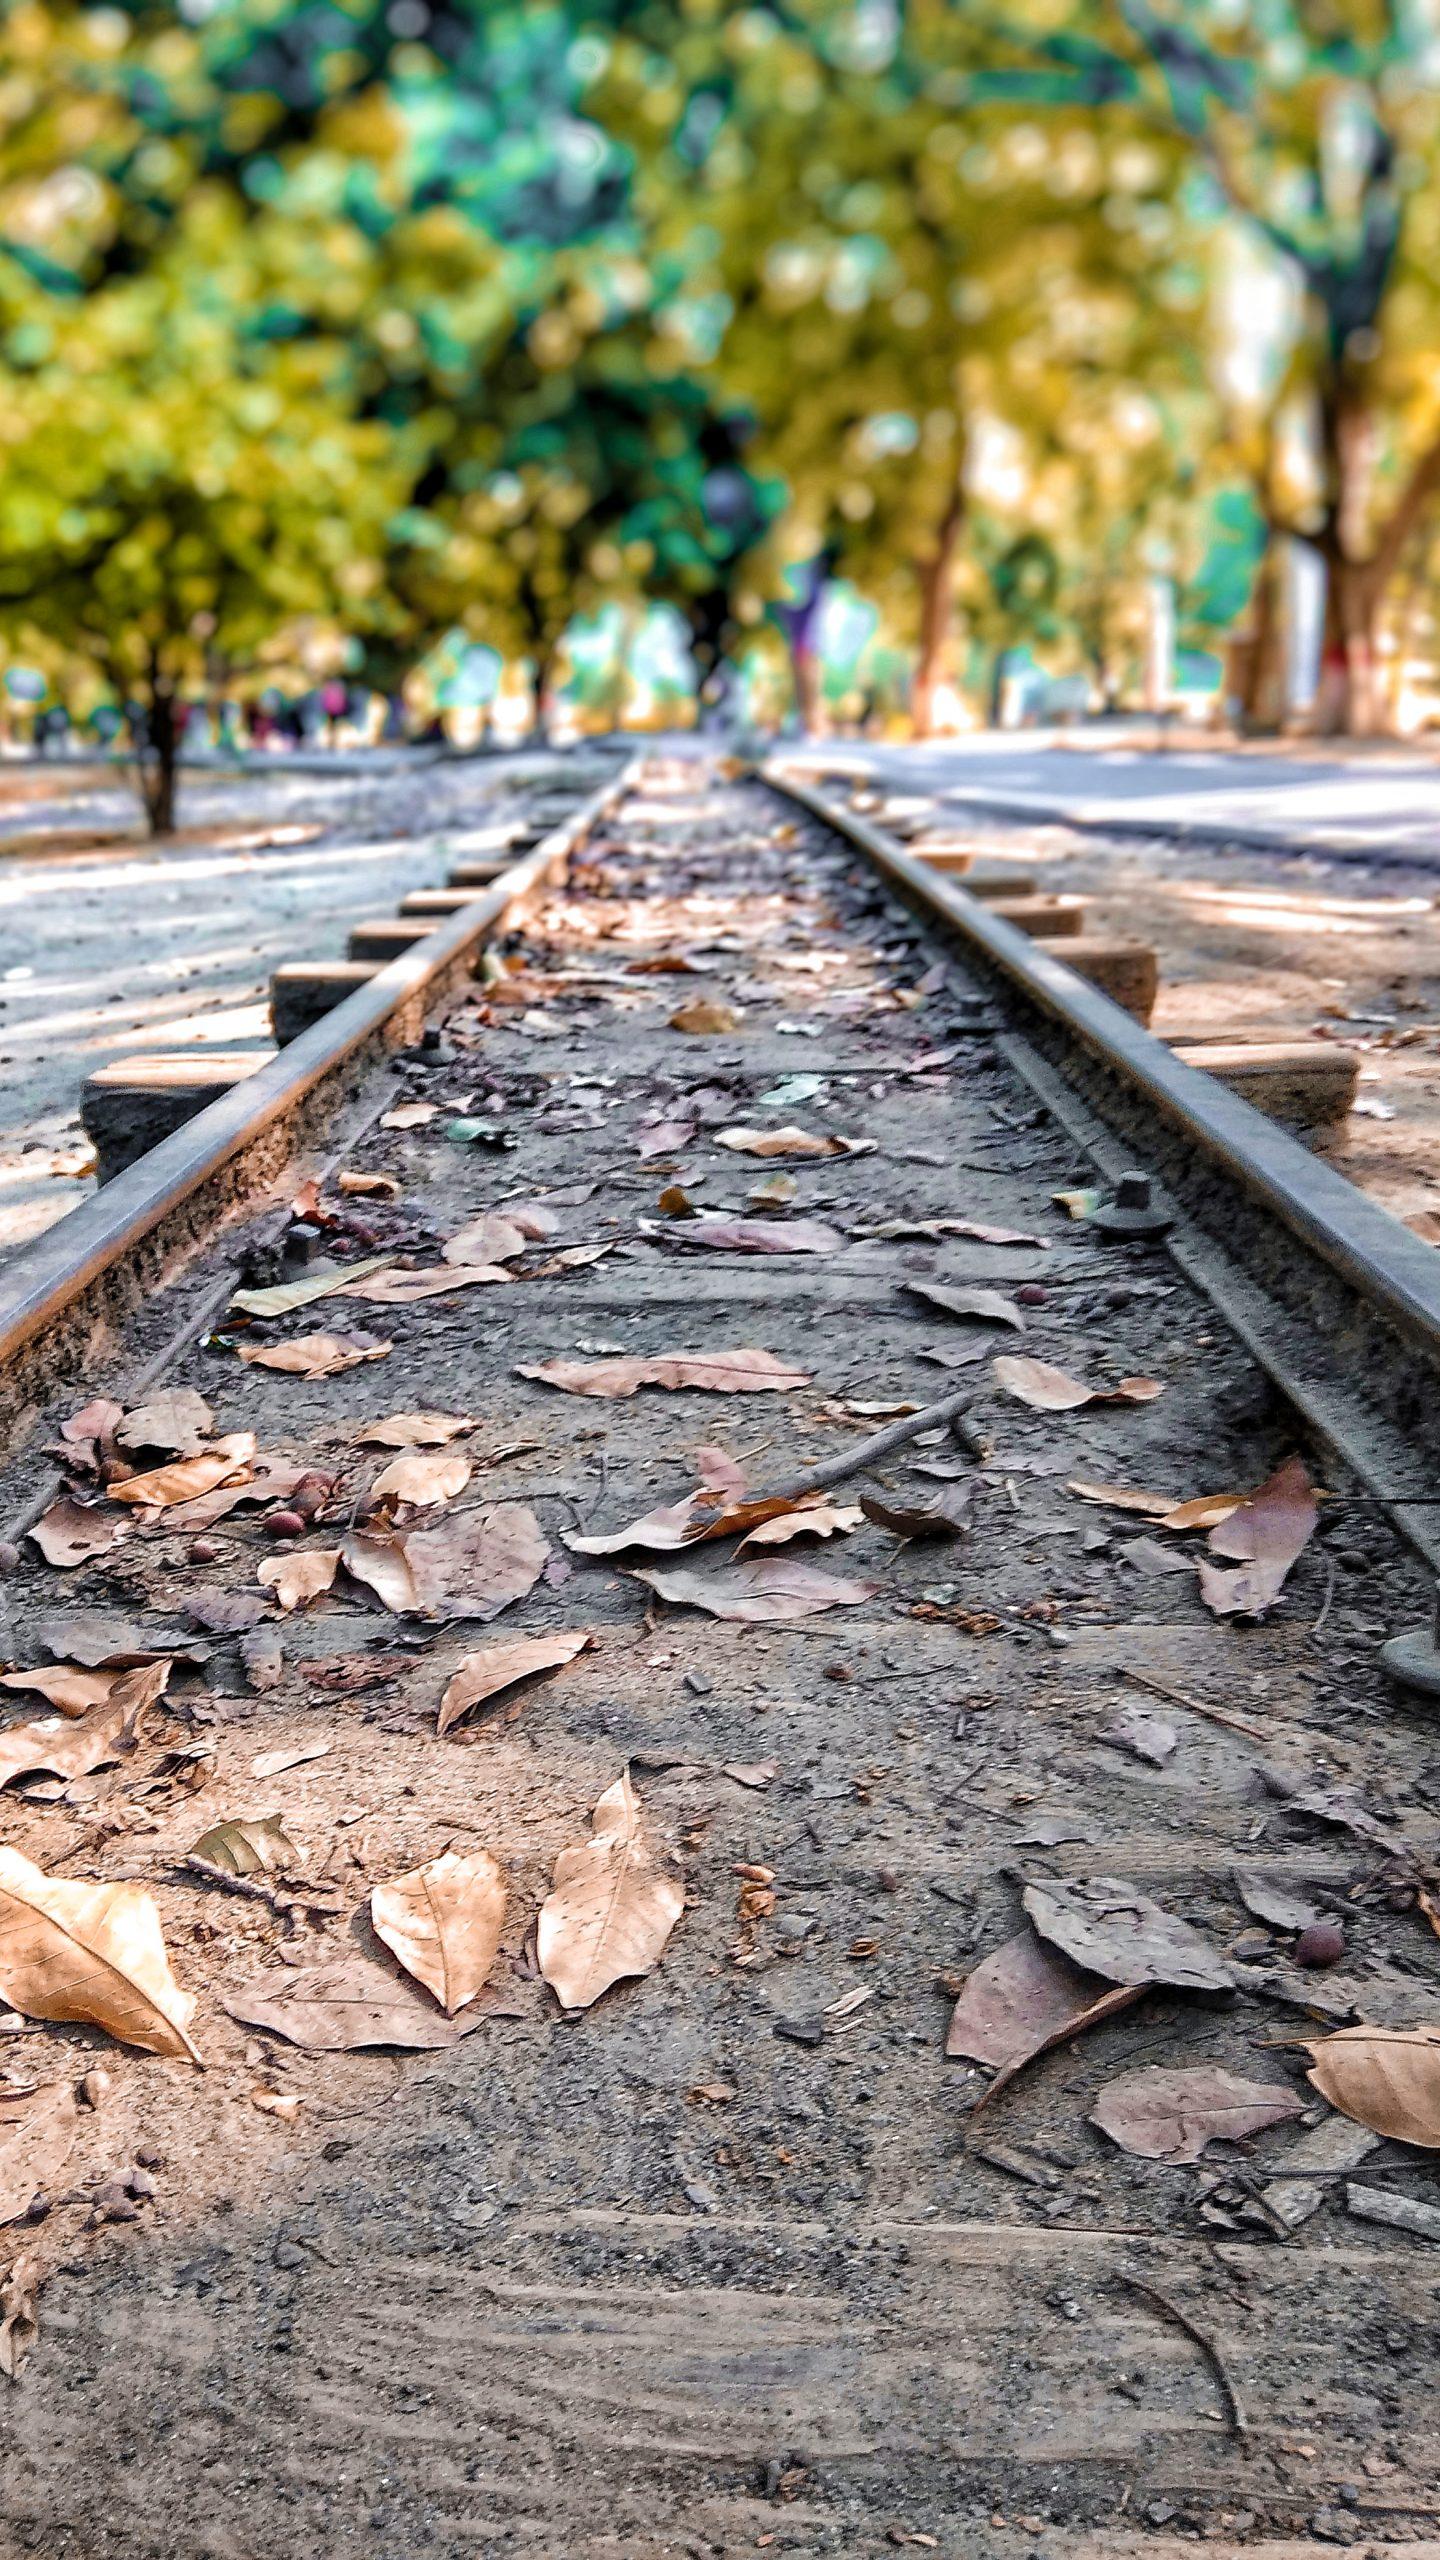 Closer look of a railroad track